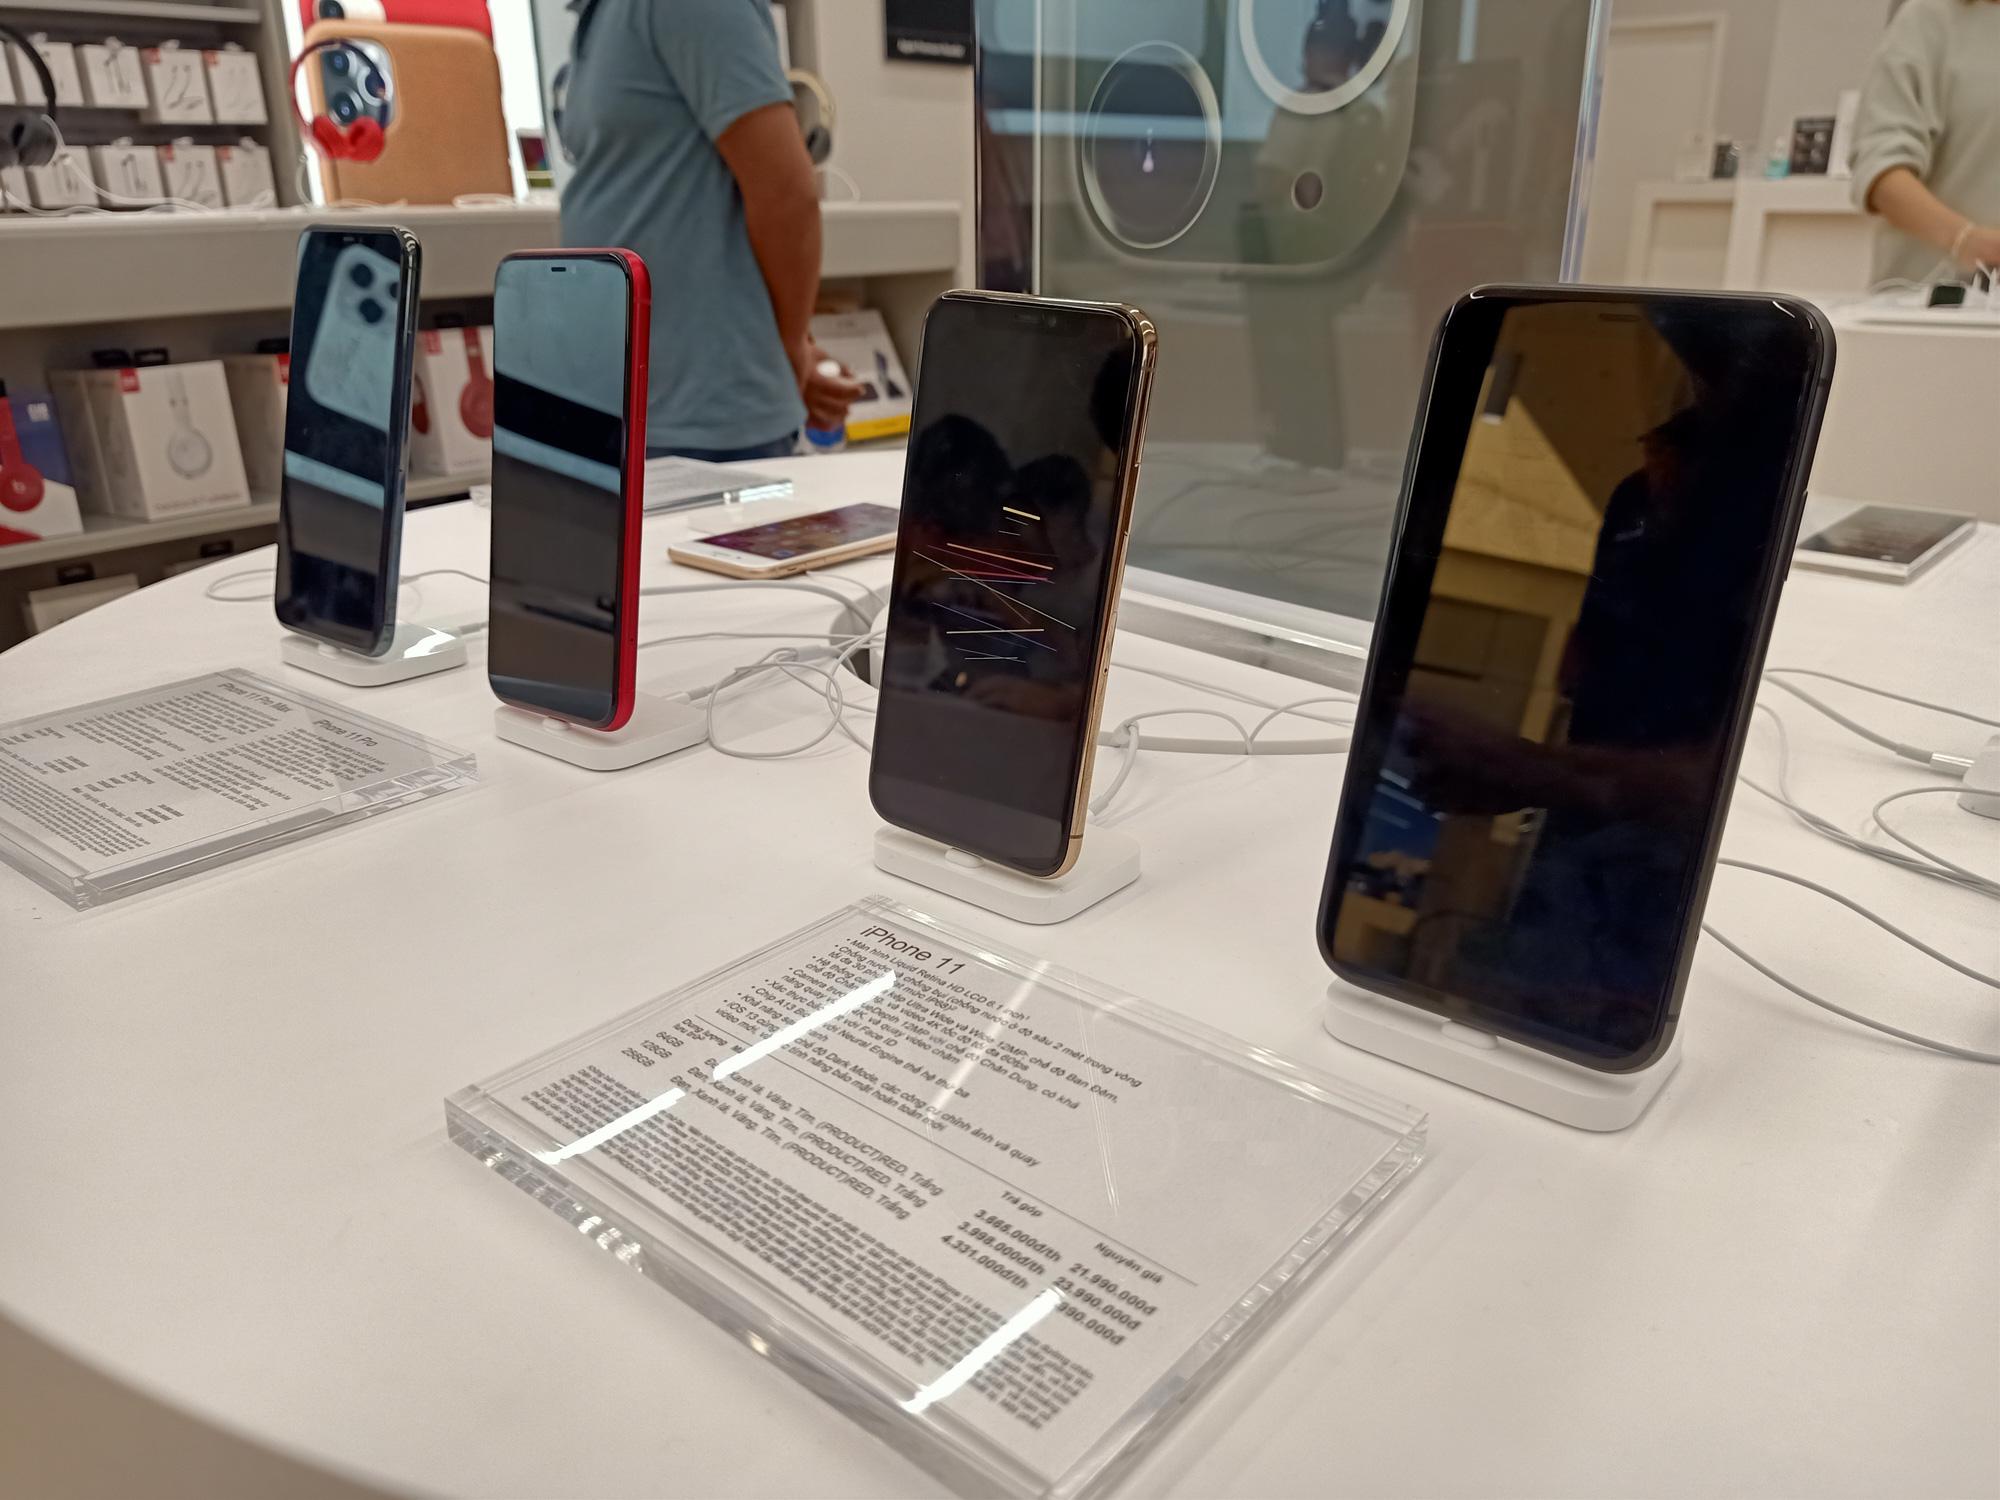 Điện thoại giảm giá tuần này: Giá iPhone chính hãng lẫn xách tay đều biến động nhẹ - Ảnh 1.